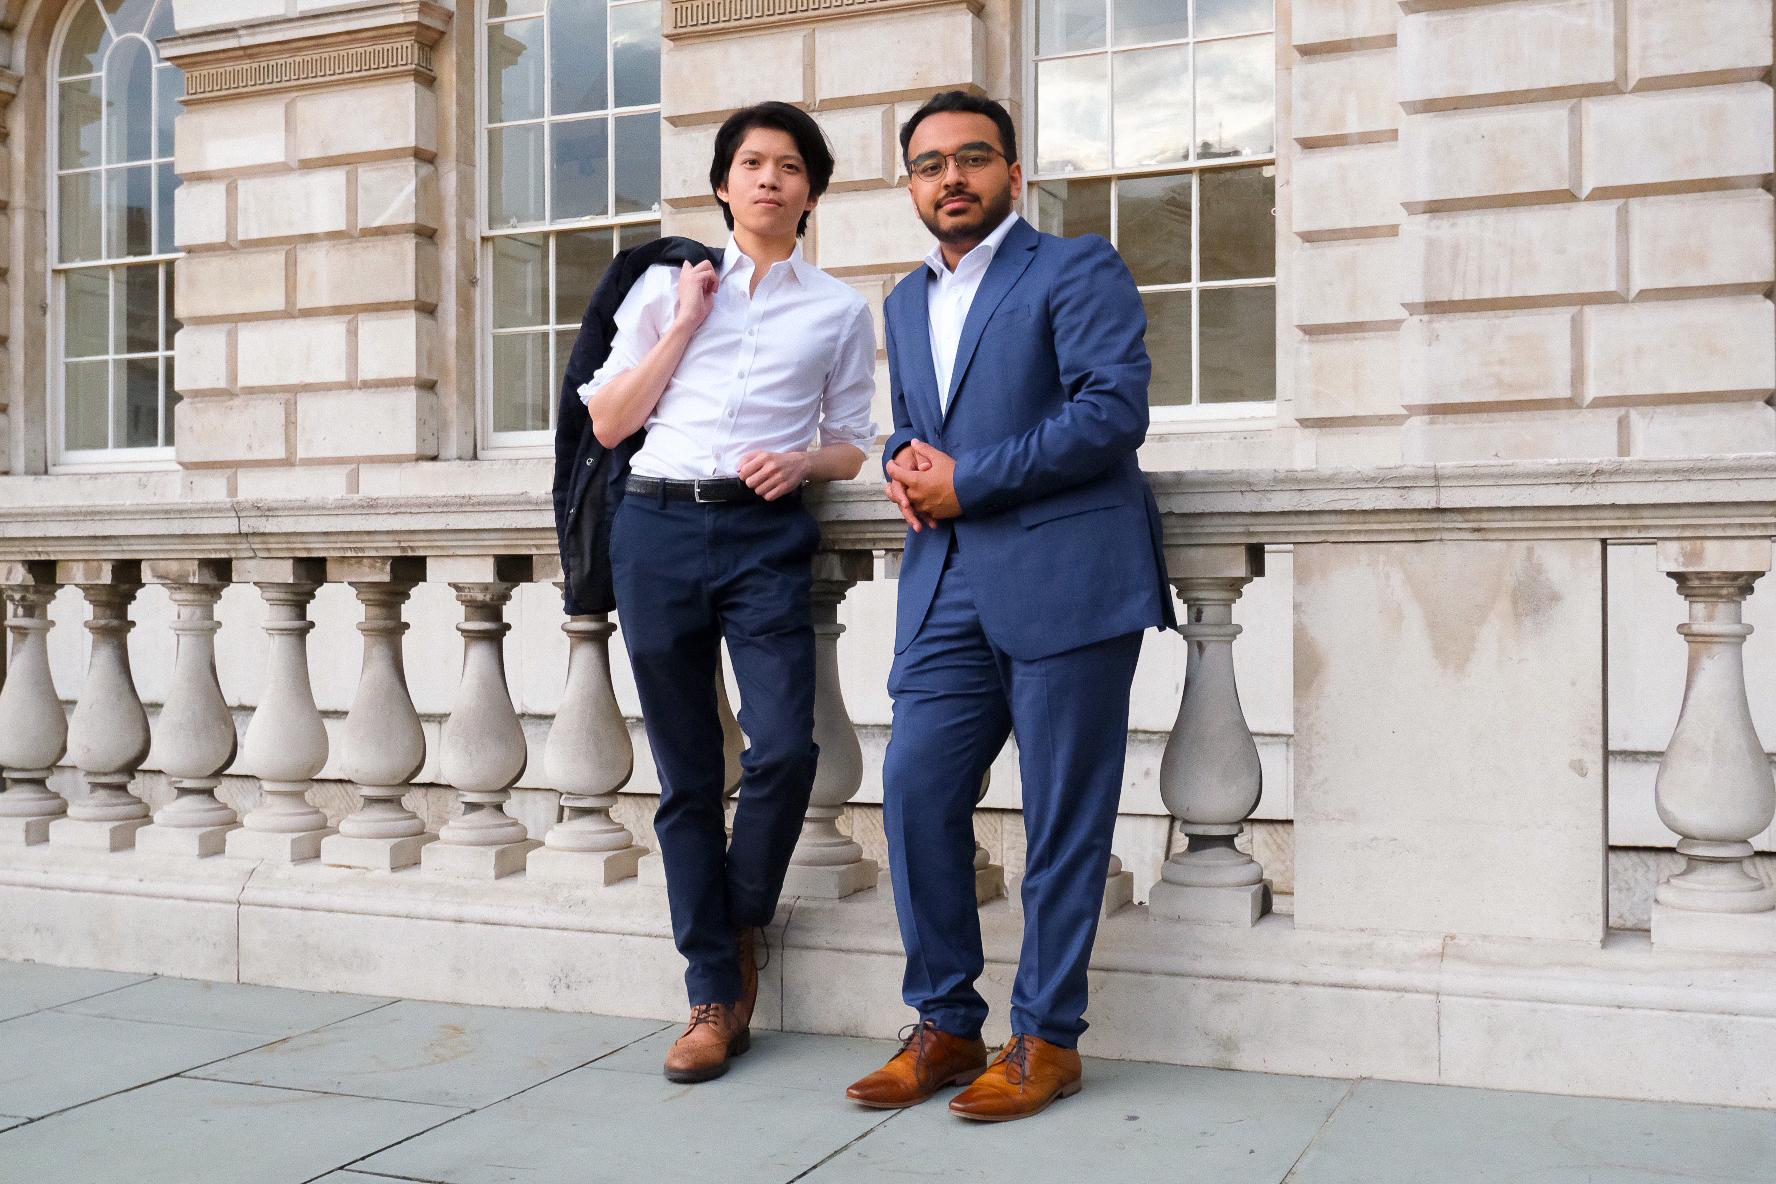 Richard Ou and Aqib Hossain